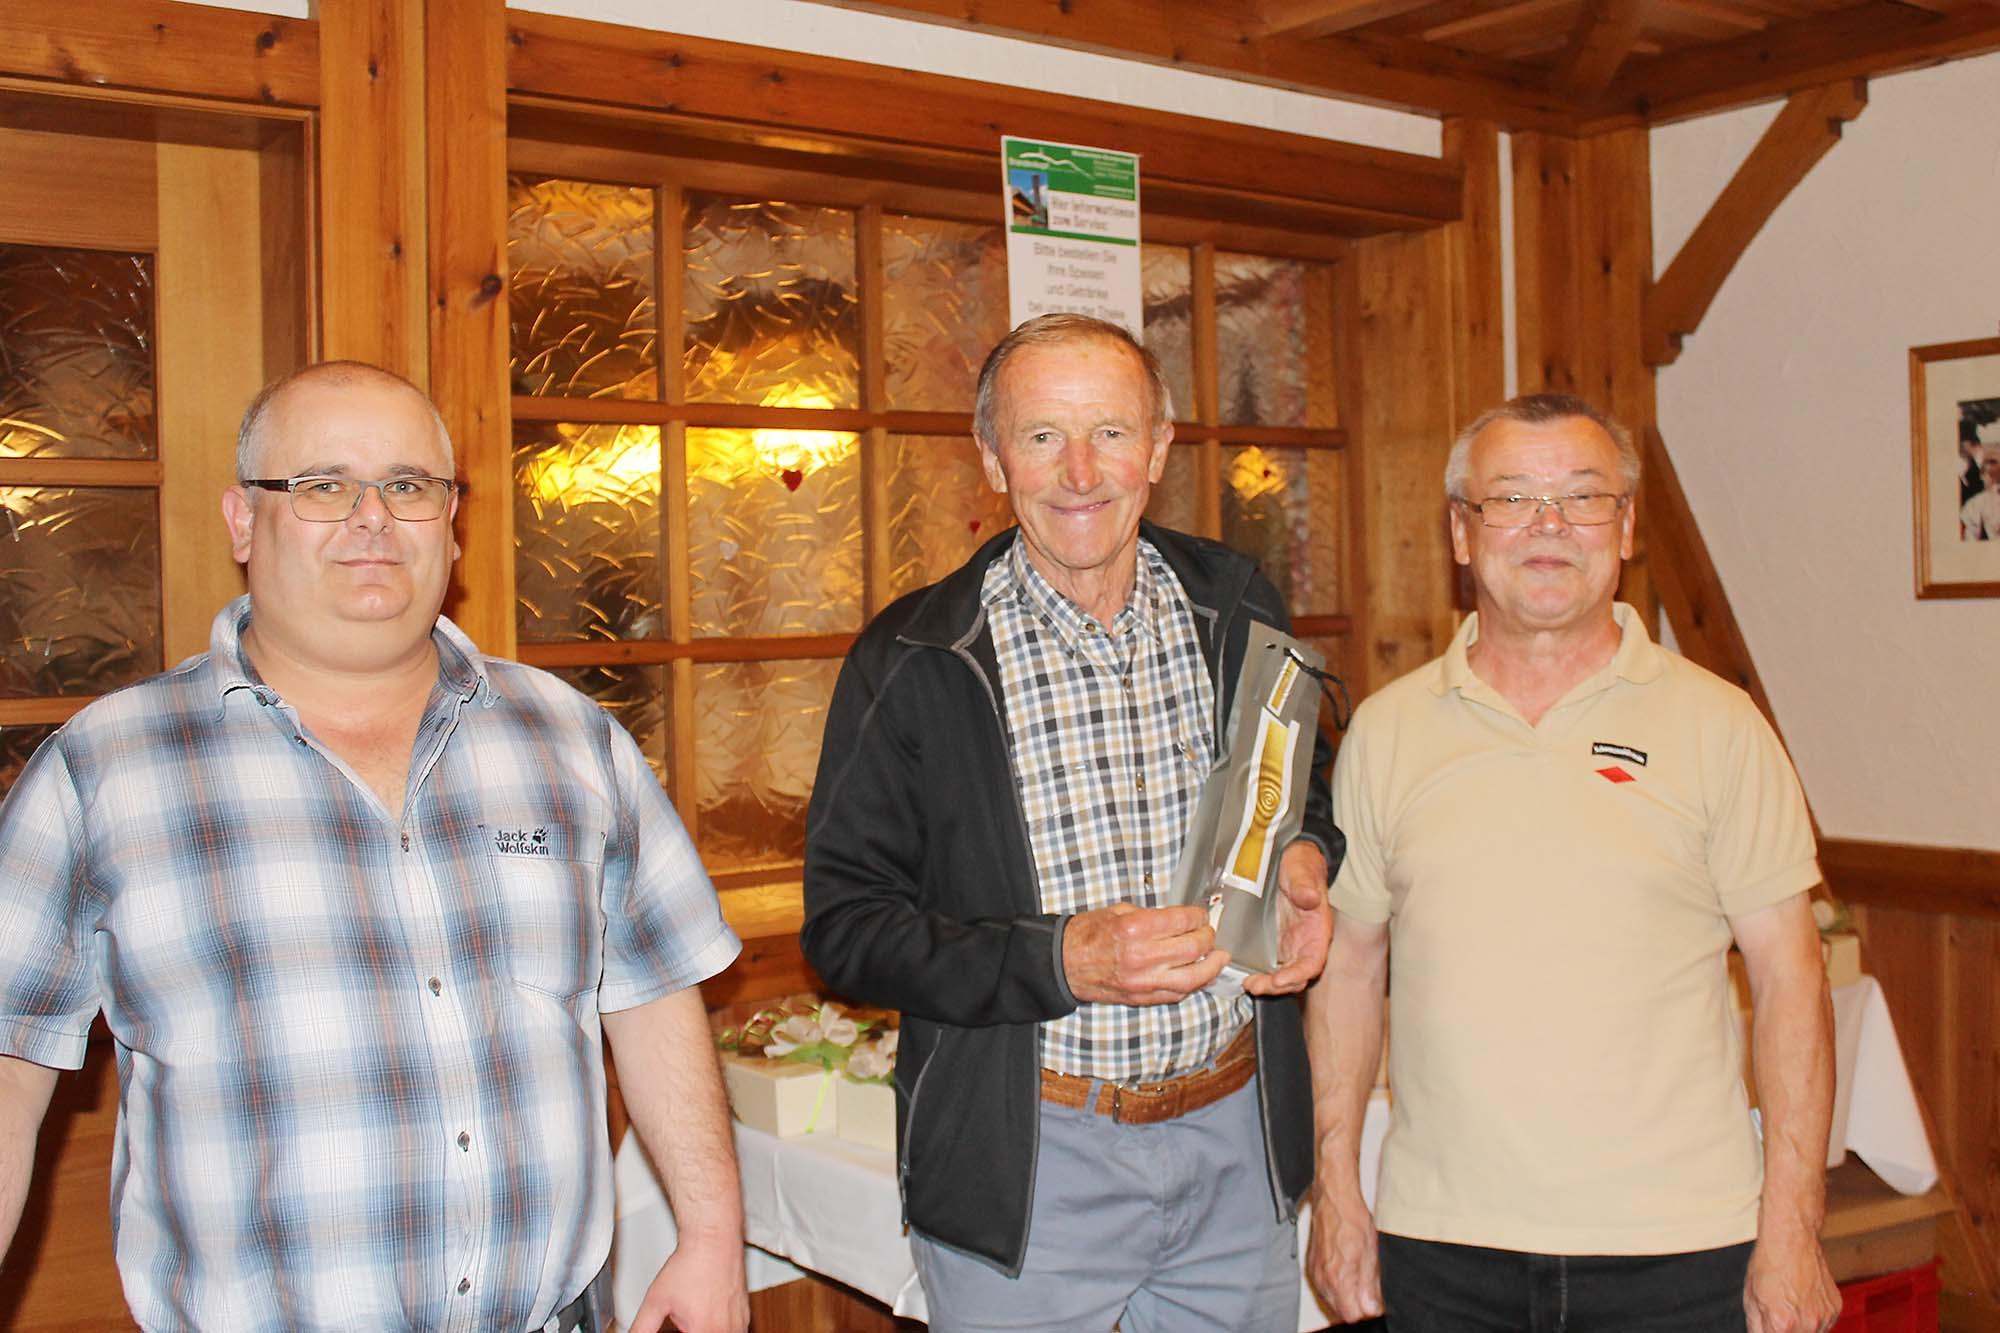 2021-9-15-OH-Franz Huber- SWV Oberharmersbach Mitgliederversammlung Bild4